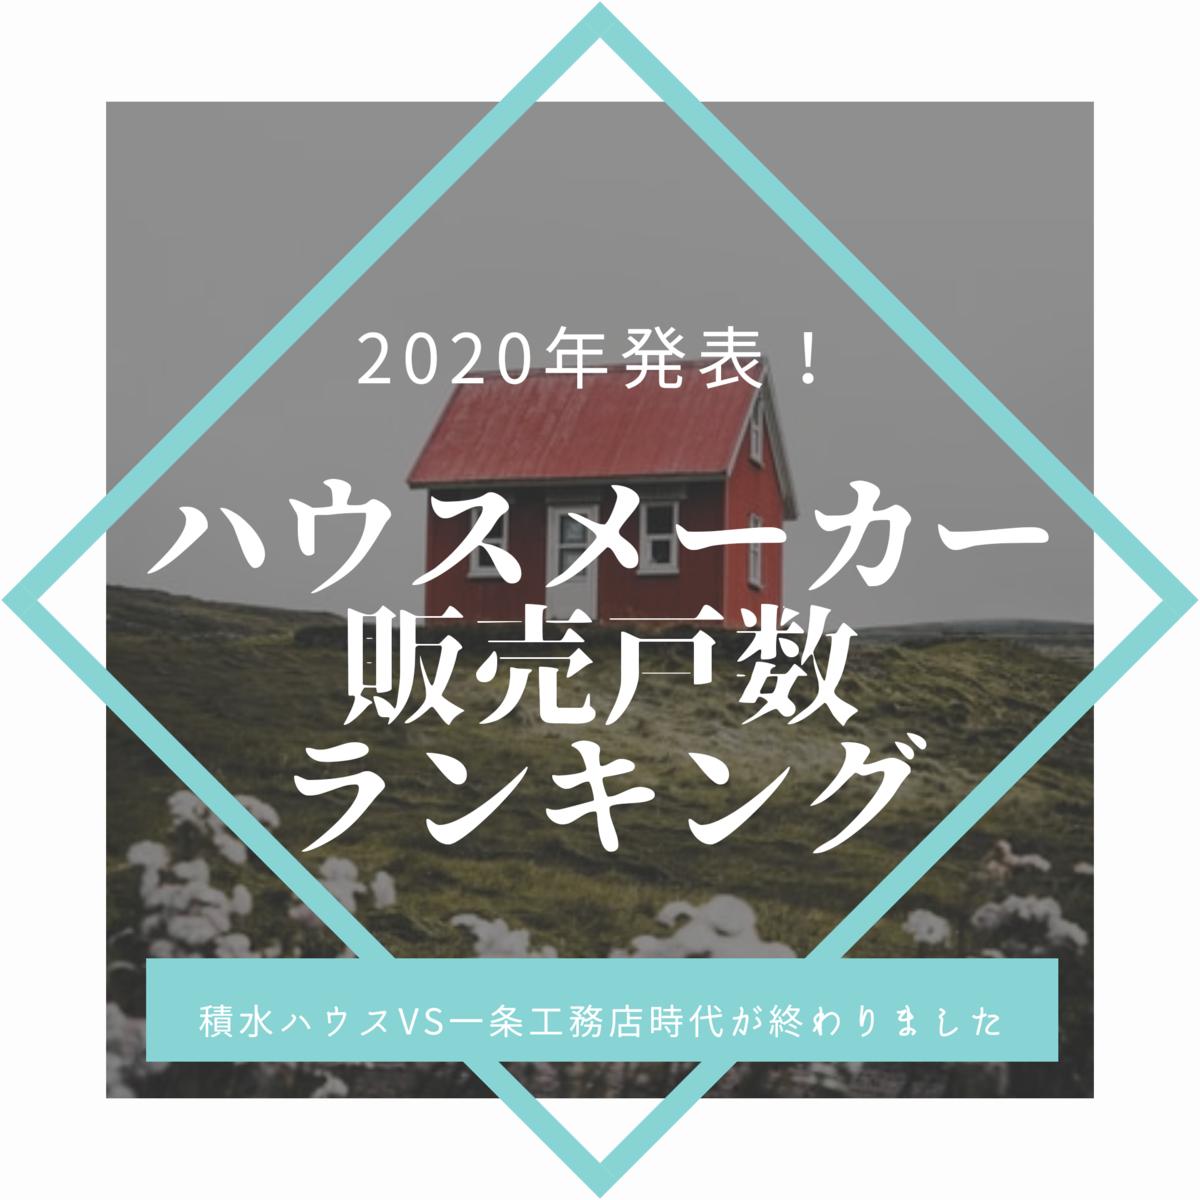 2020年発表!ハウスメーカー販売戸数ランキング|積水ハウスvs一条工務店時代が終わりました